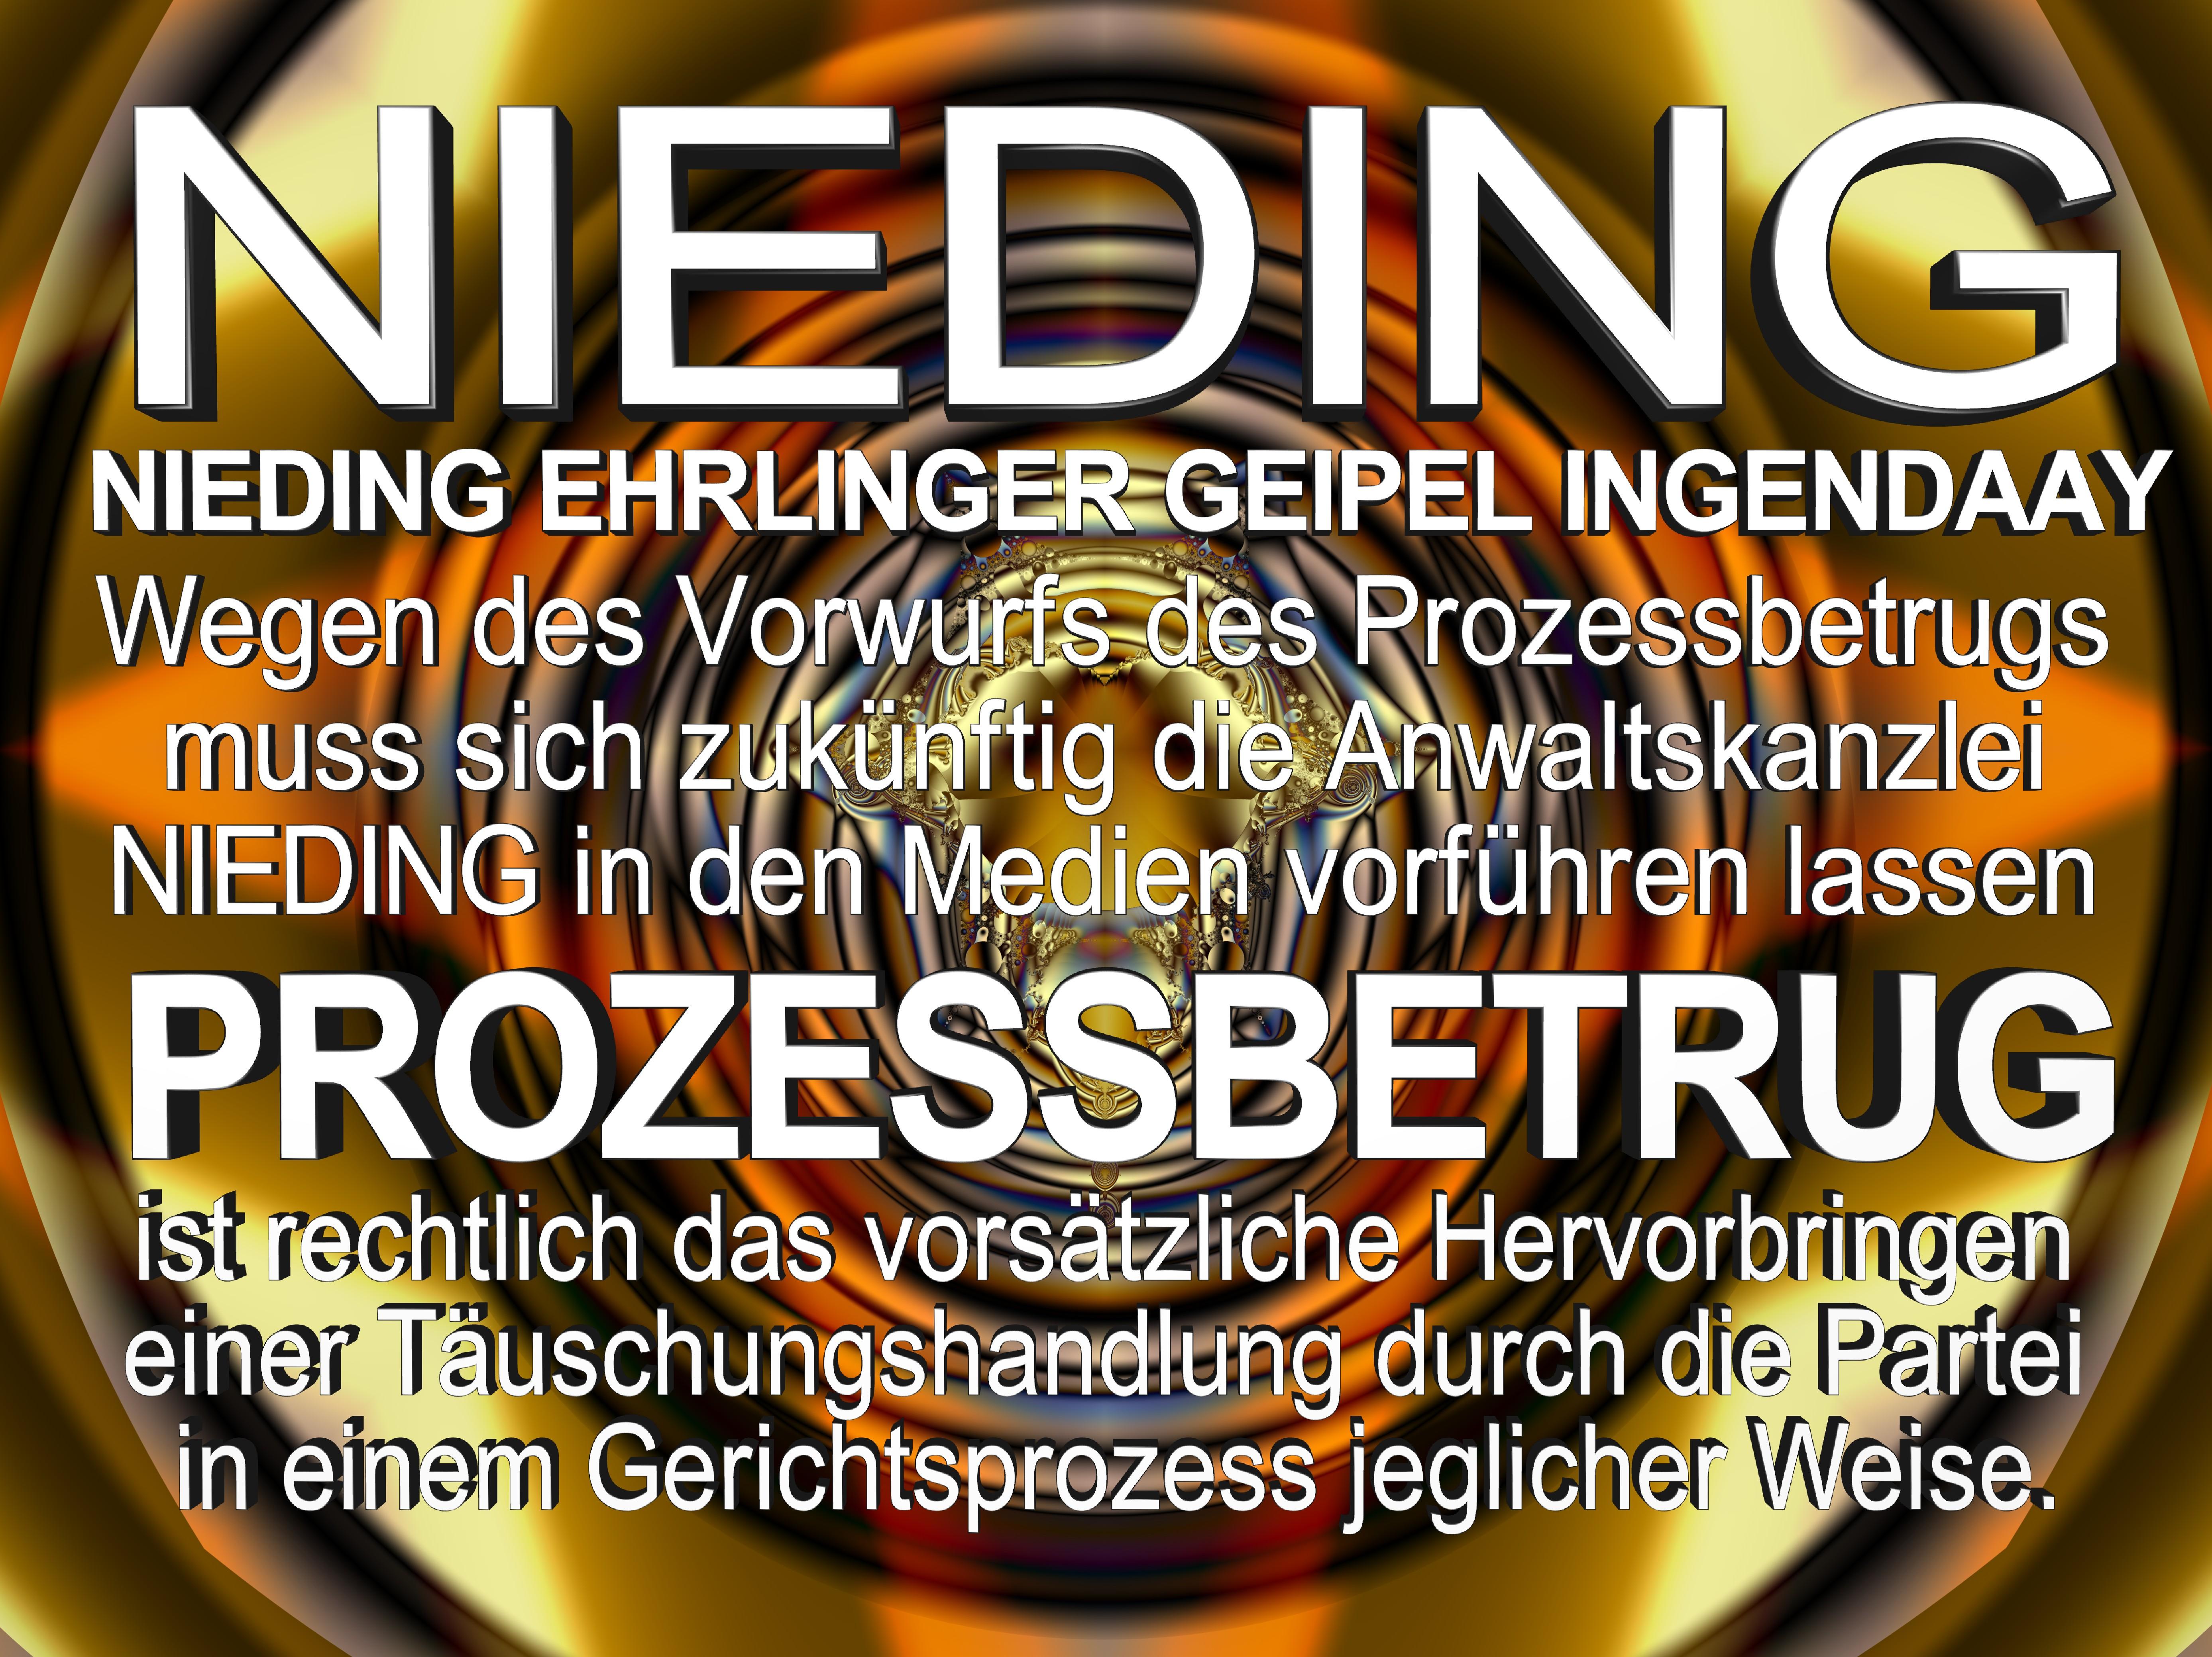 NIEDING EHRLINGER GEIPEL INGENDAAY LELKE Kurfürstendamm 66 Berlin Rechtsanwalt gewerblicher Rechtsschutz Rechtsanwälte(183)